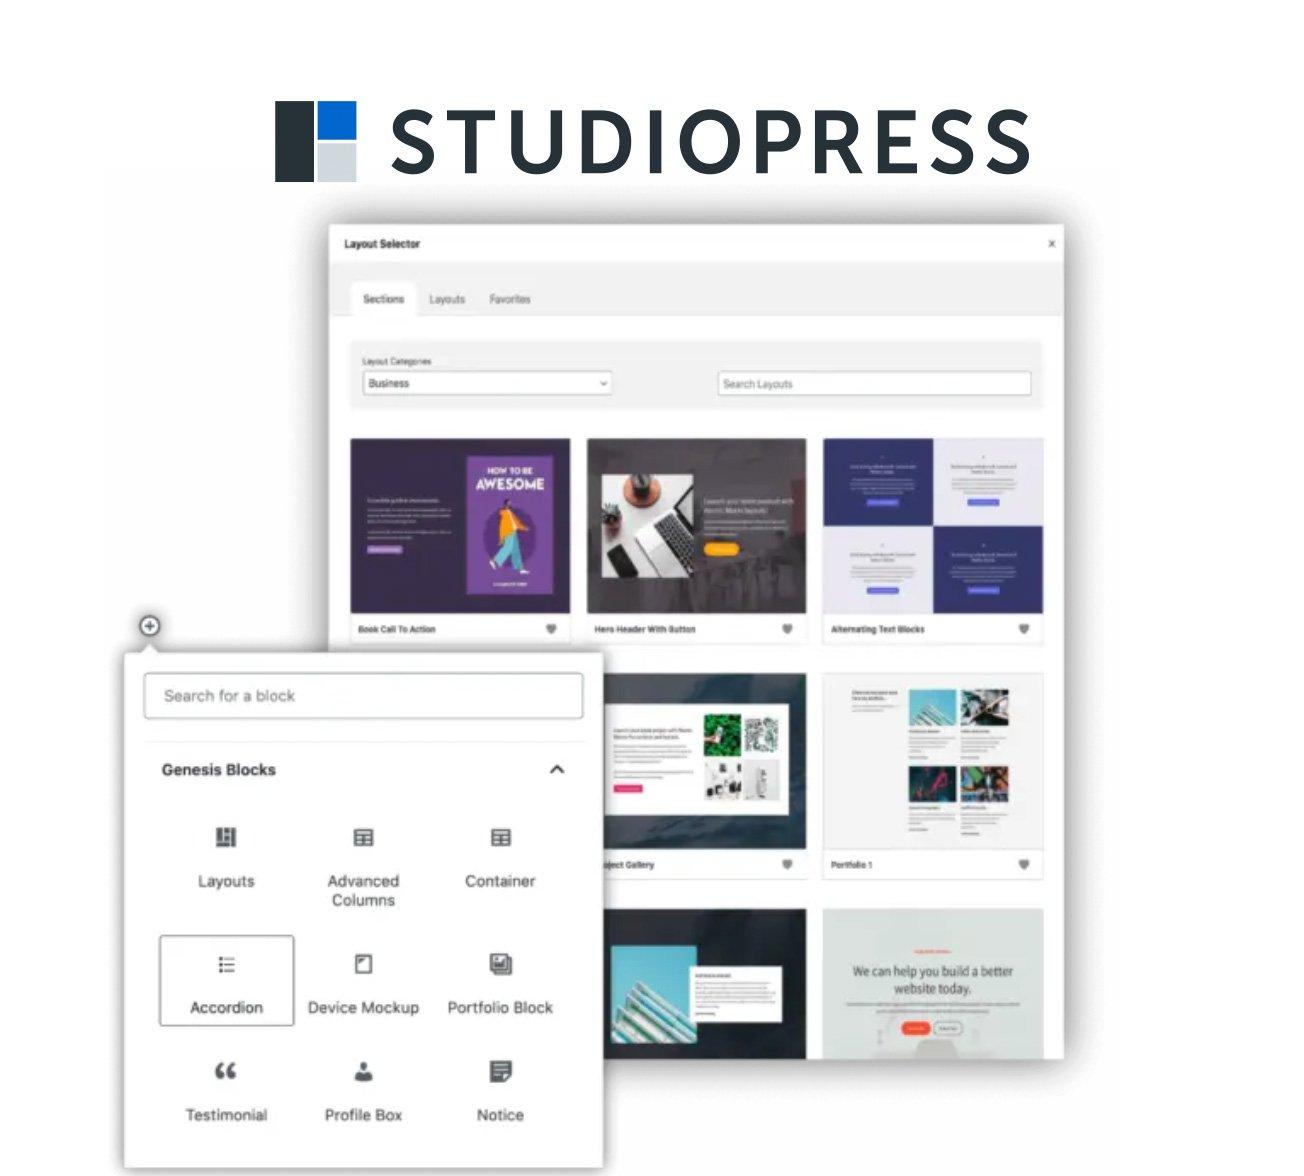 studiopress wp